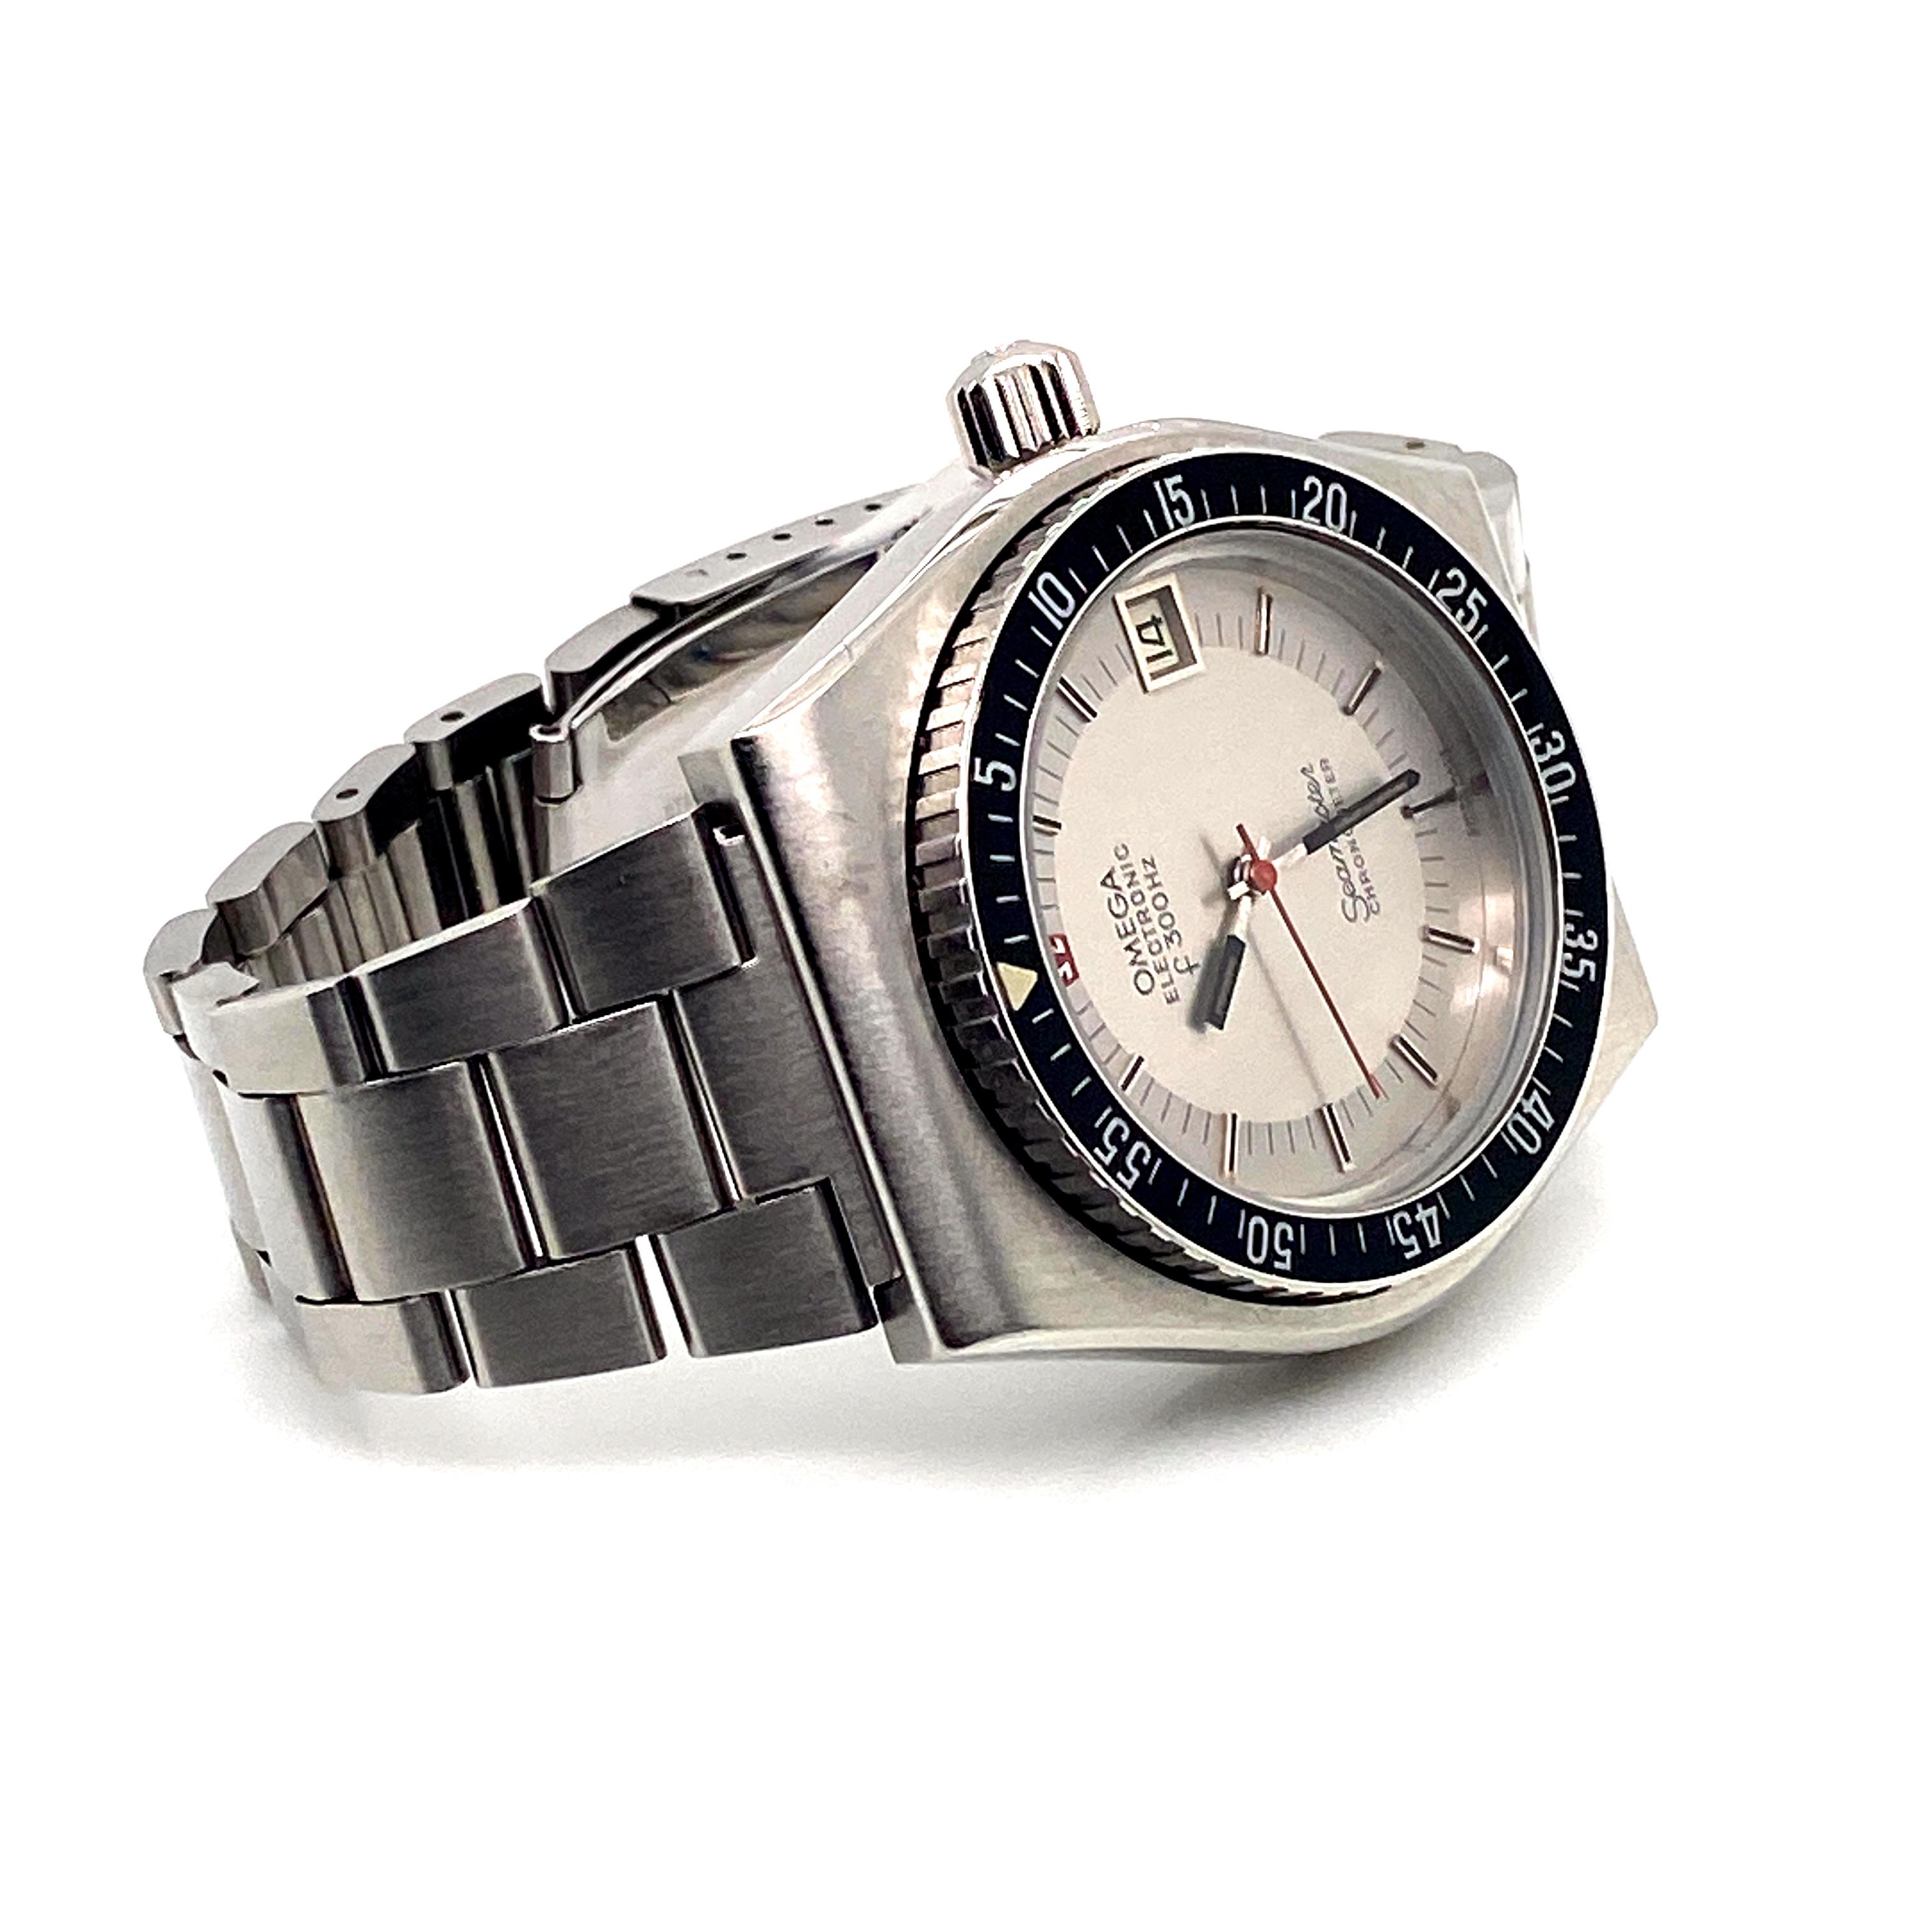 Lot 2 - Omega Seamaster Chronometer f300Hz Electronic